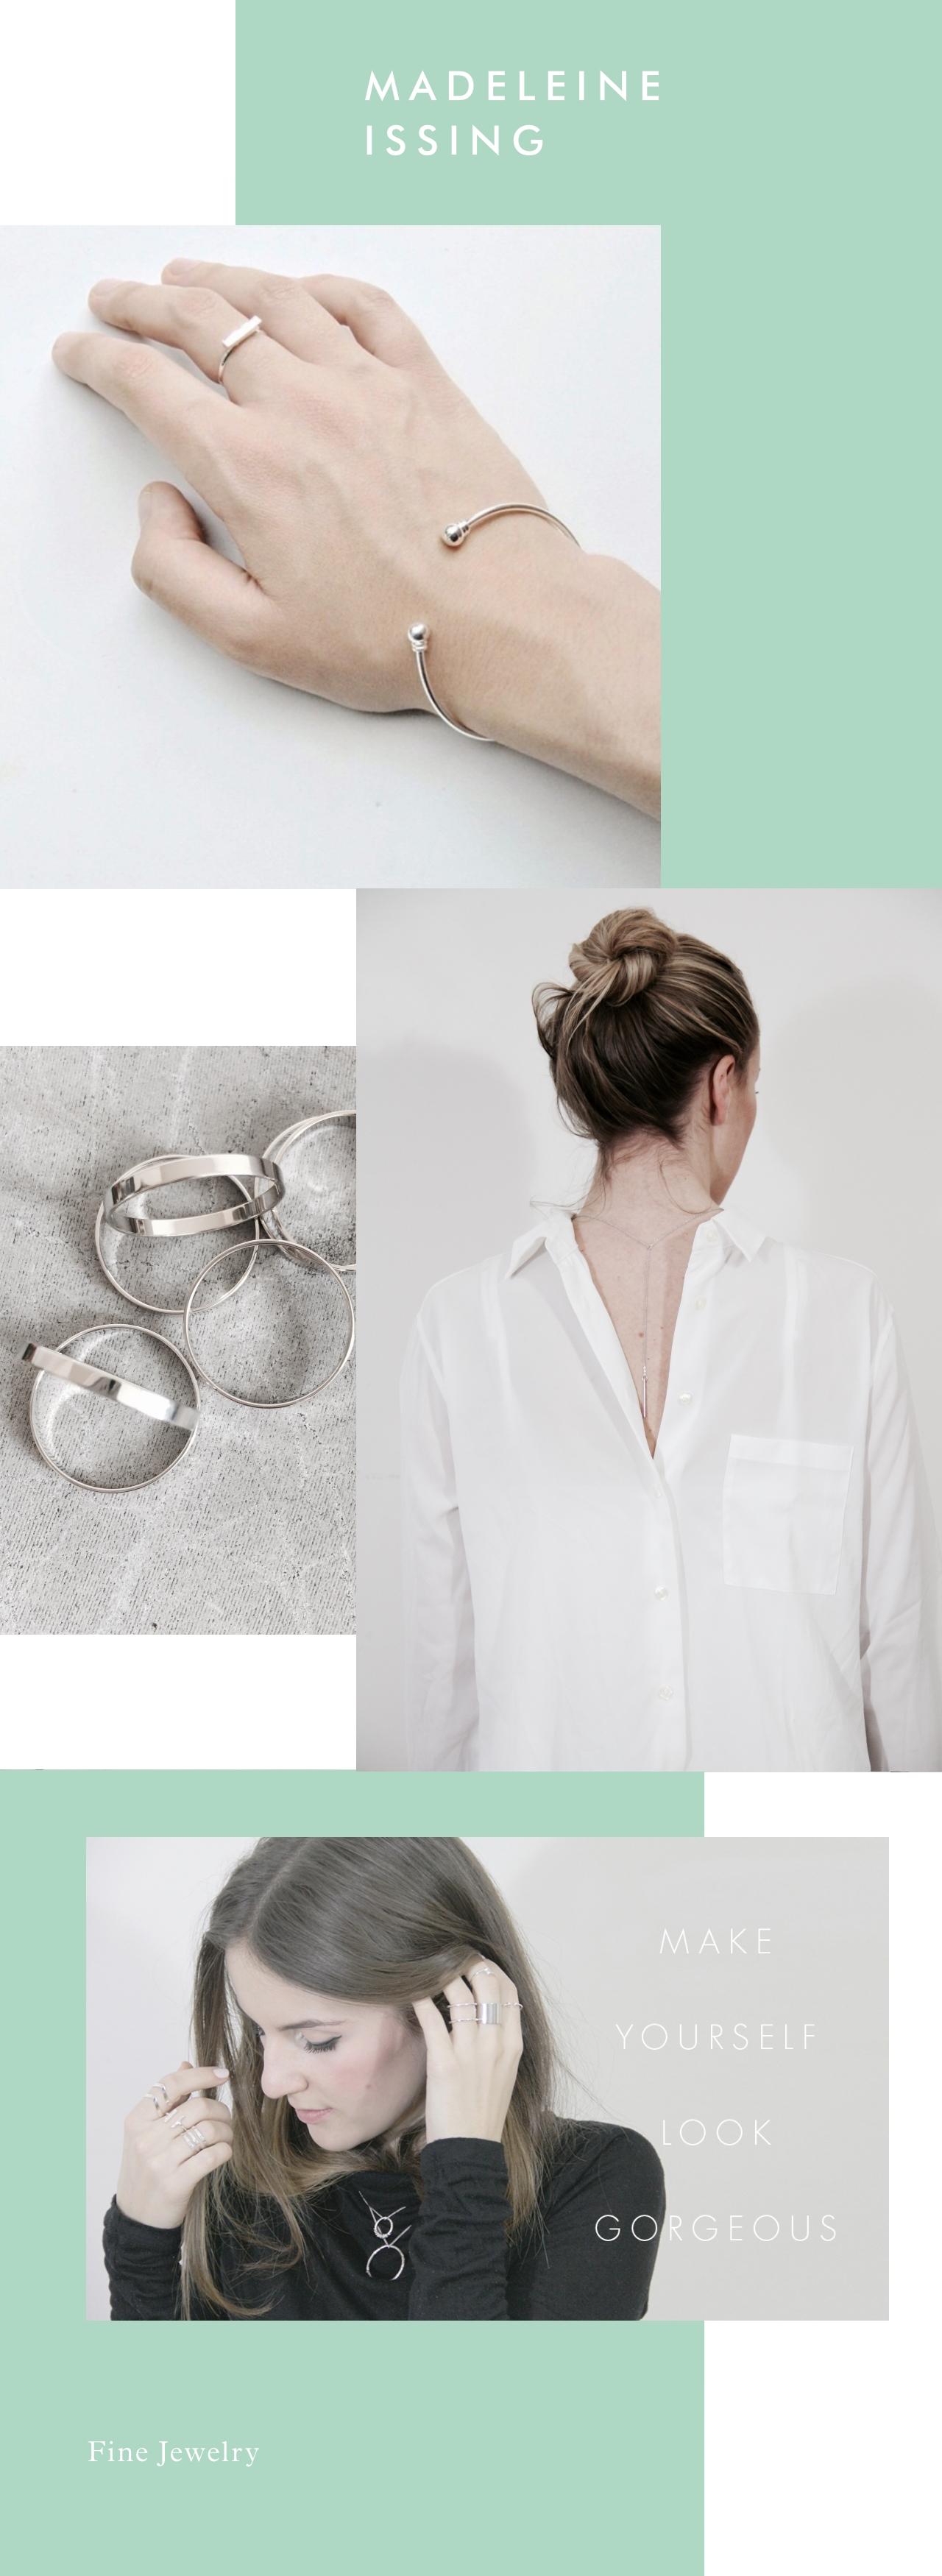 Silberschmuck hochwertiger Modeschmuck Madeleine Issing